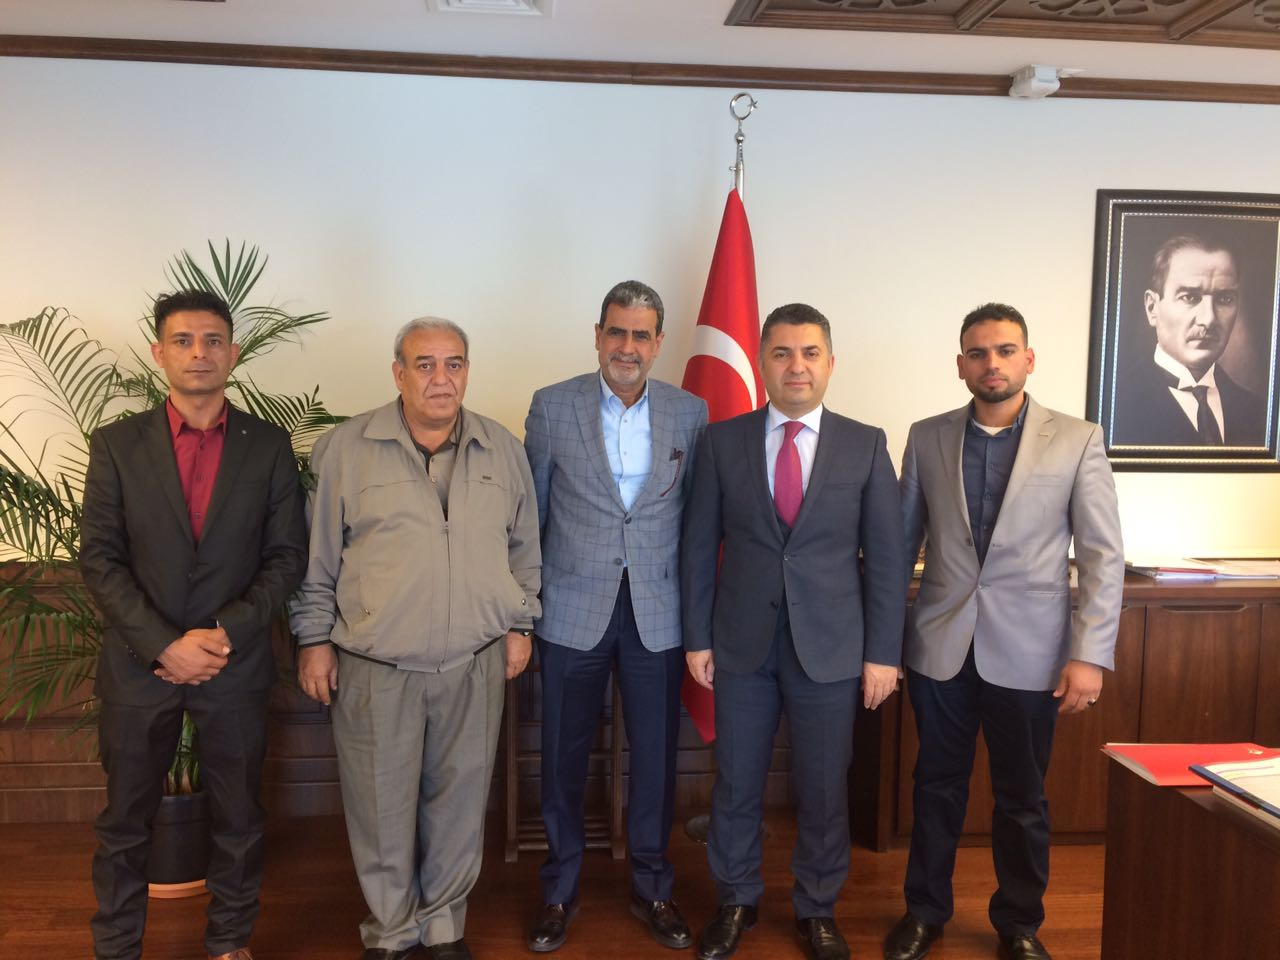 11 Mayıs Reyhanlı Şehitleri Derneği başkan ve üyeleri Milletvekili Şanverdi'yi ziyaret etti